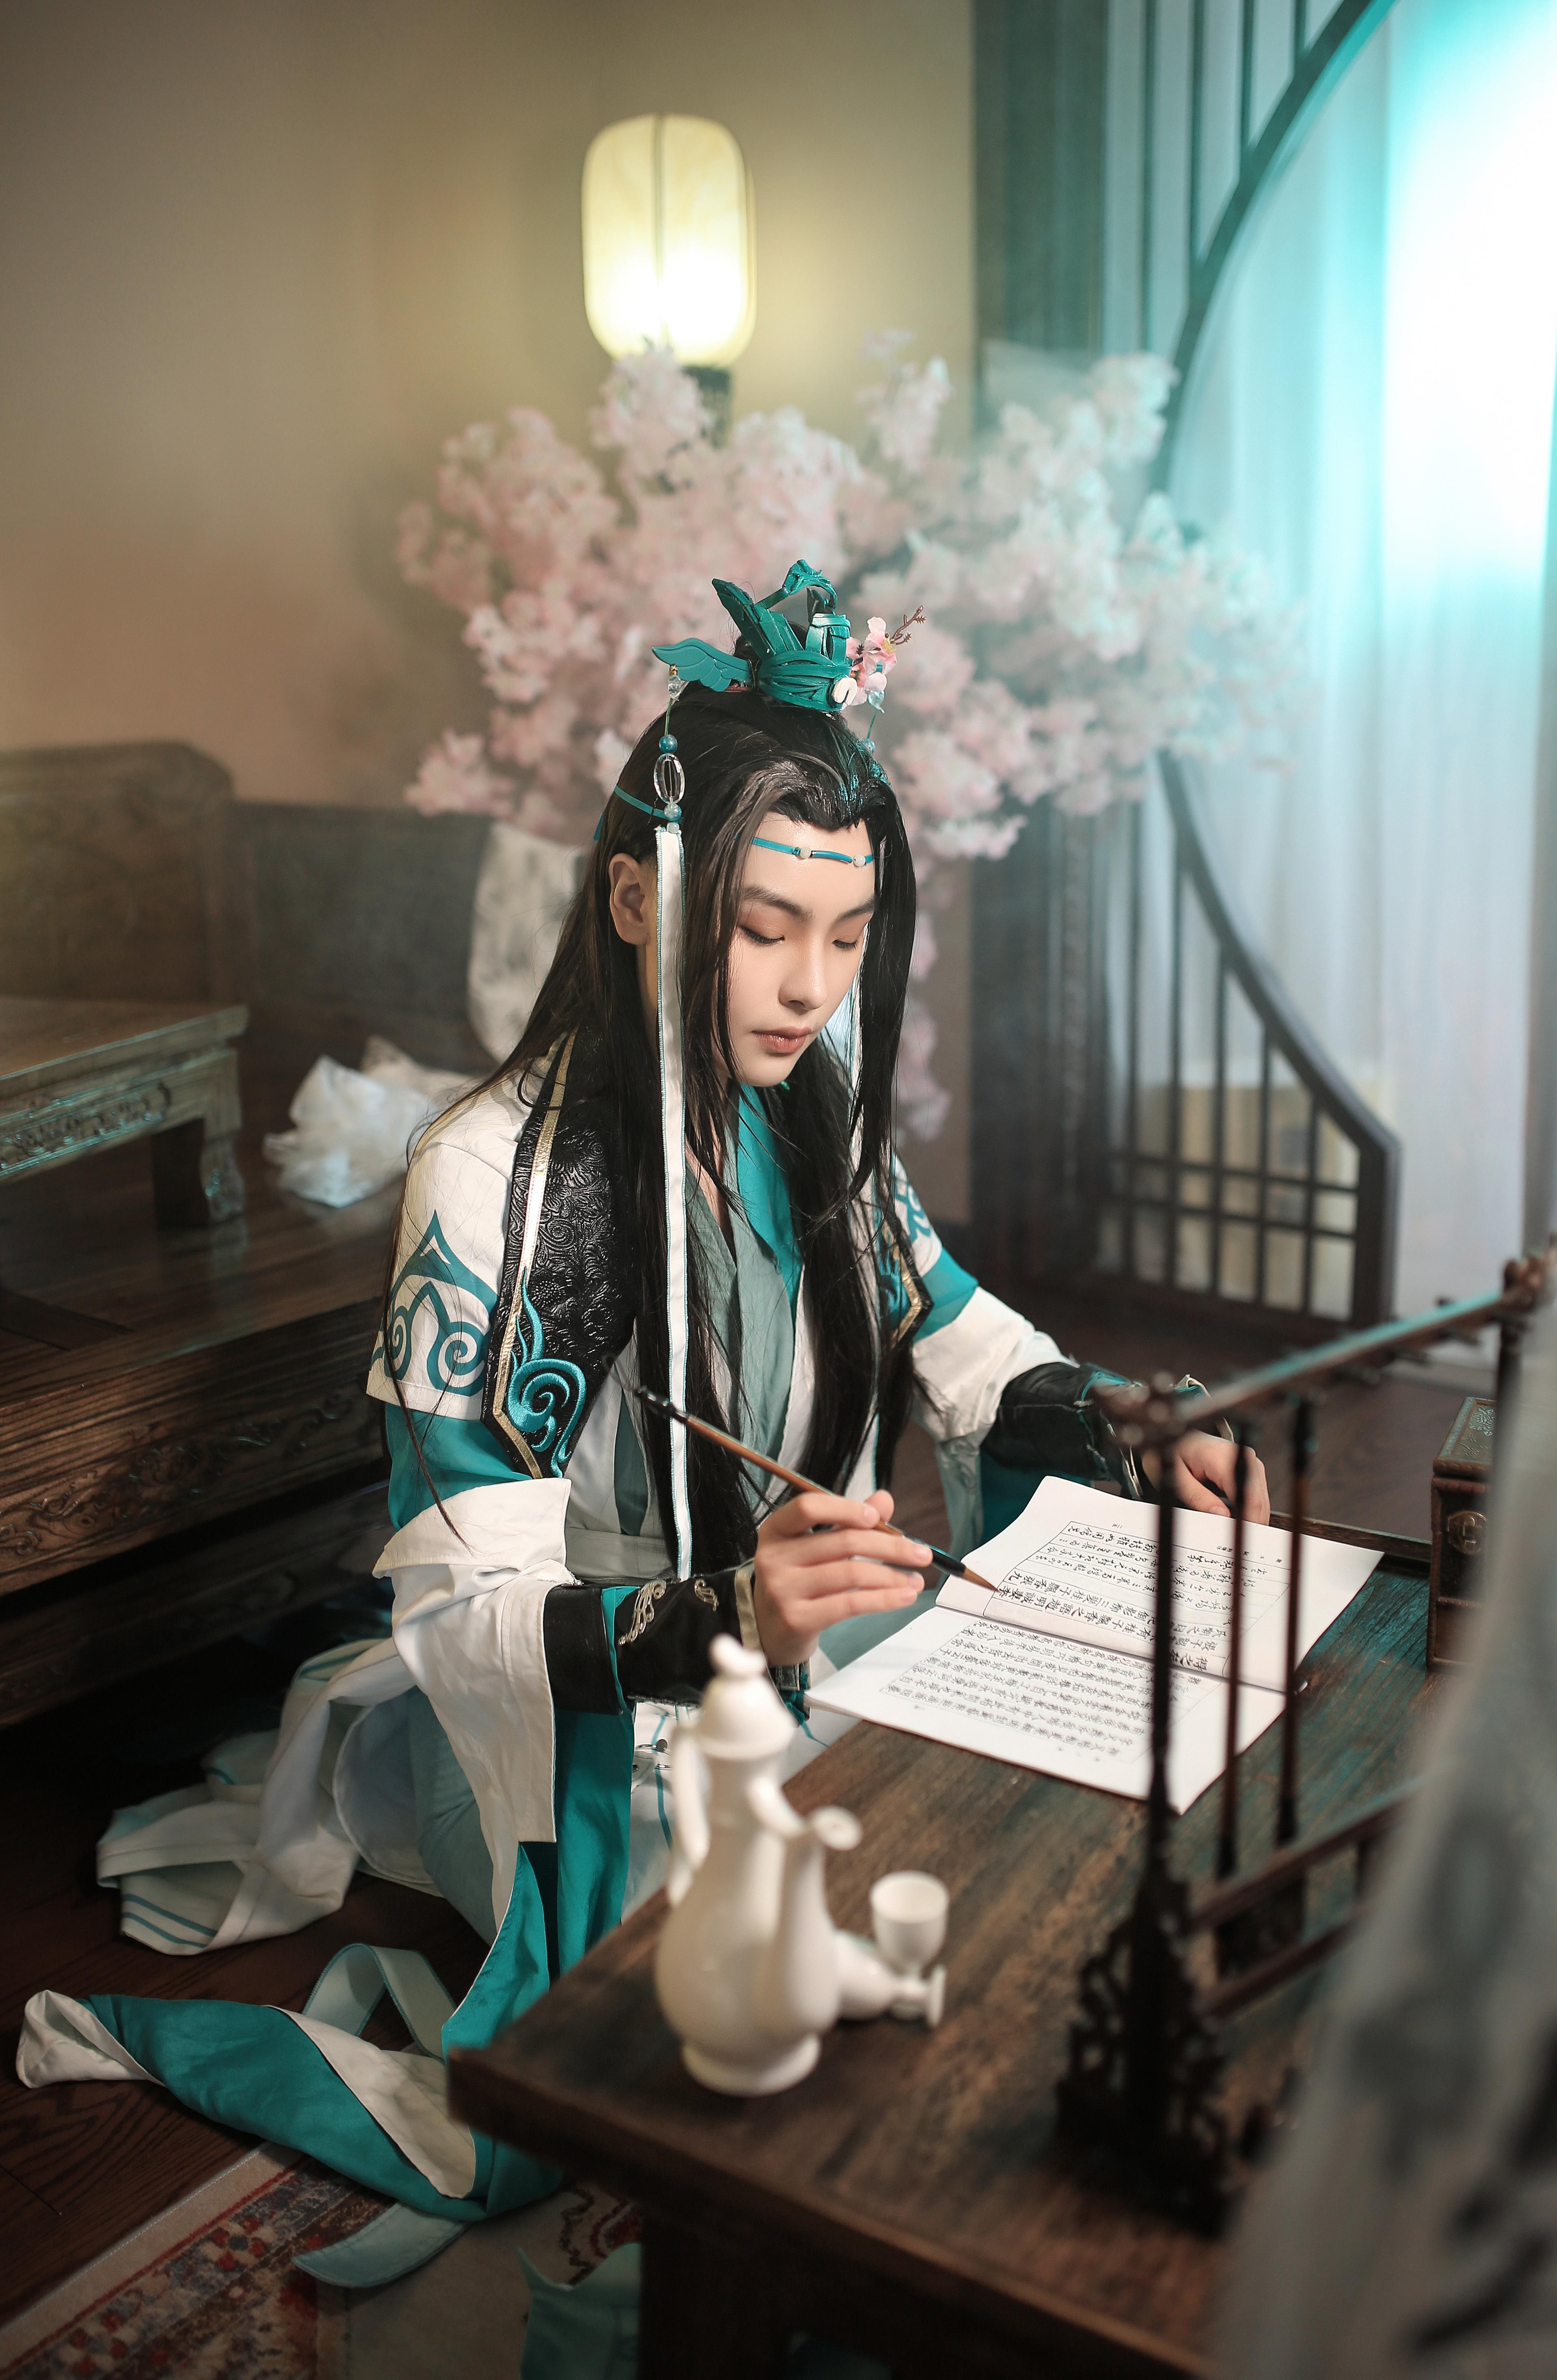 剑网三cosplay【CN:东城为神】-第13张